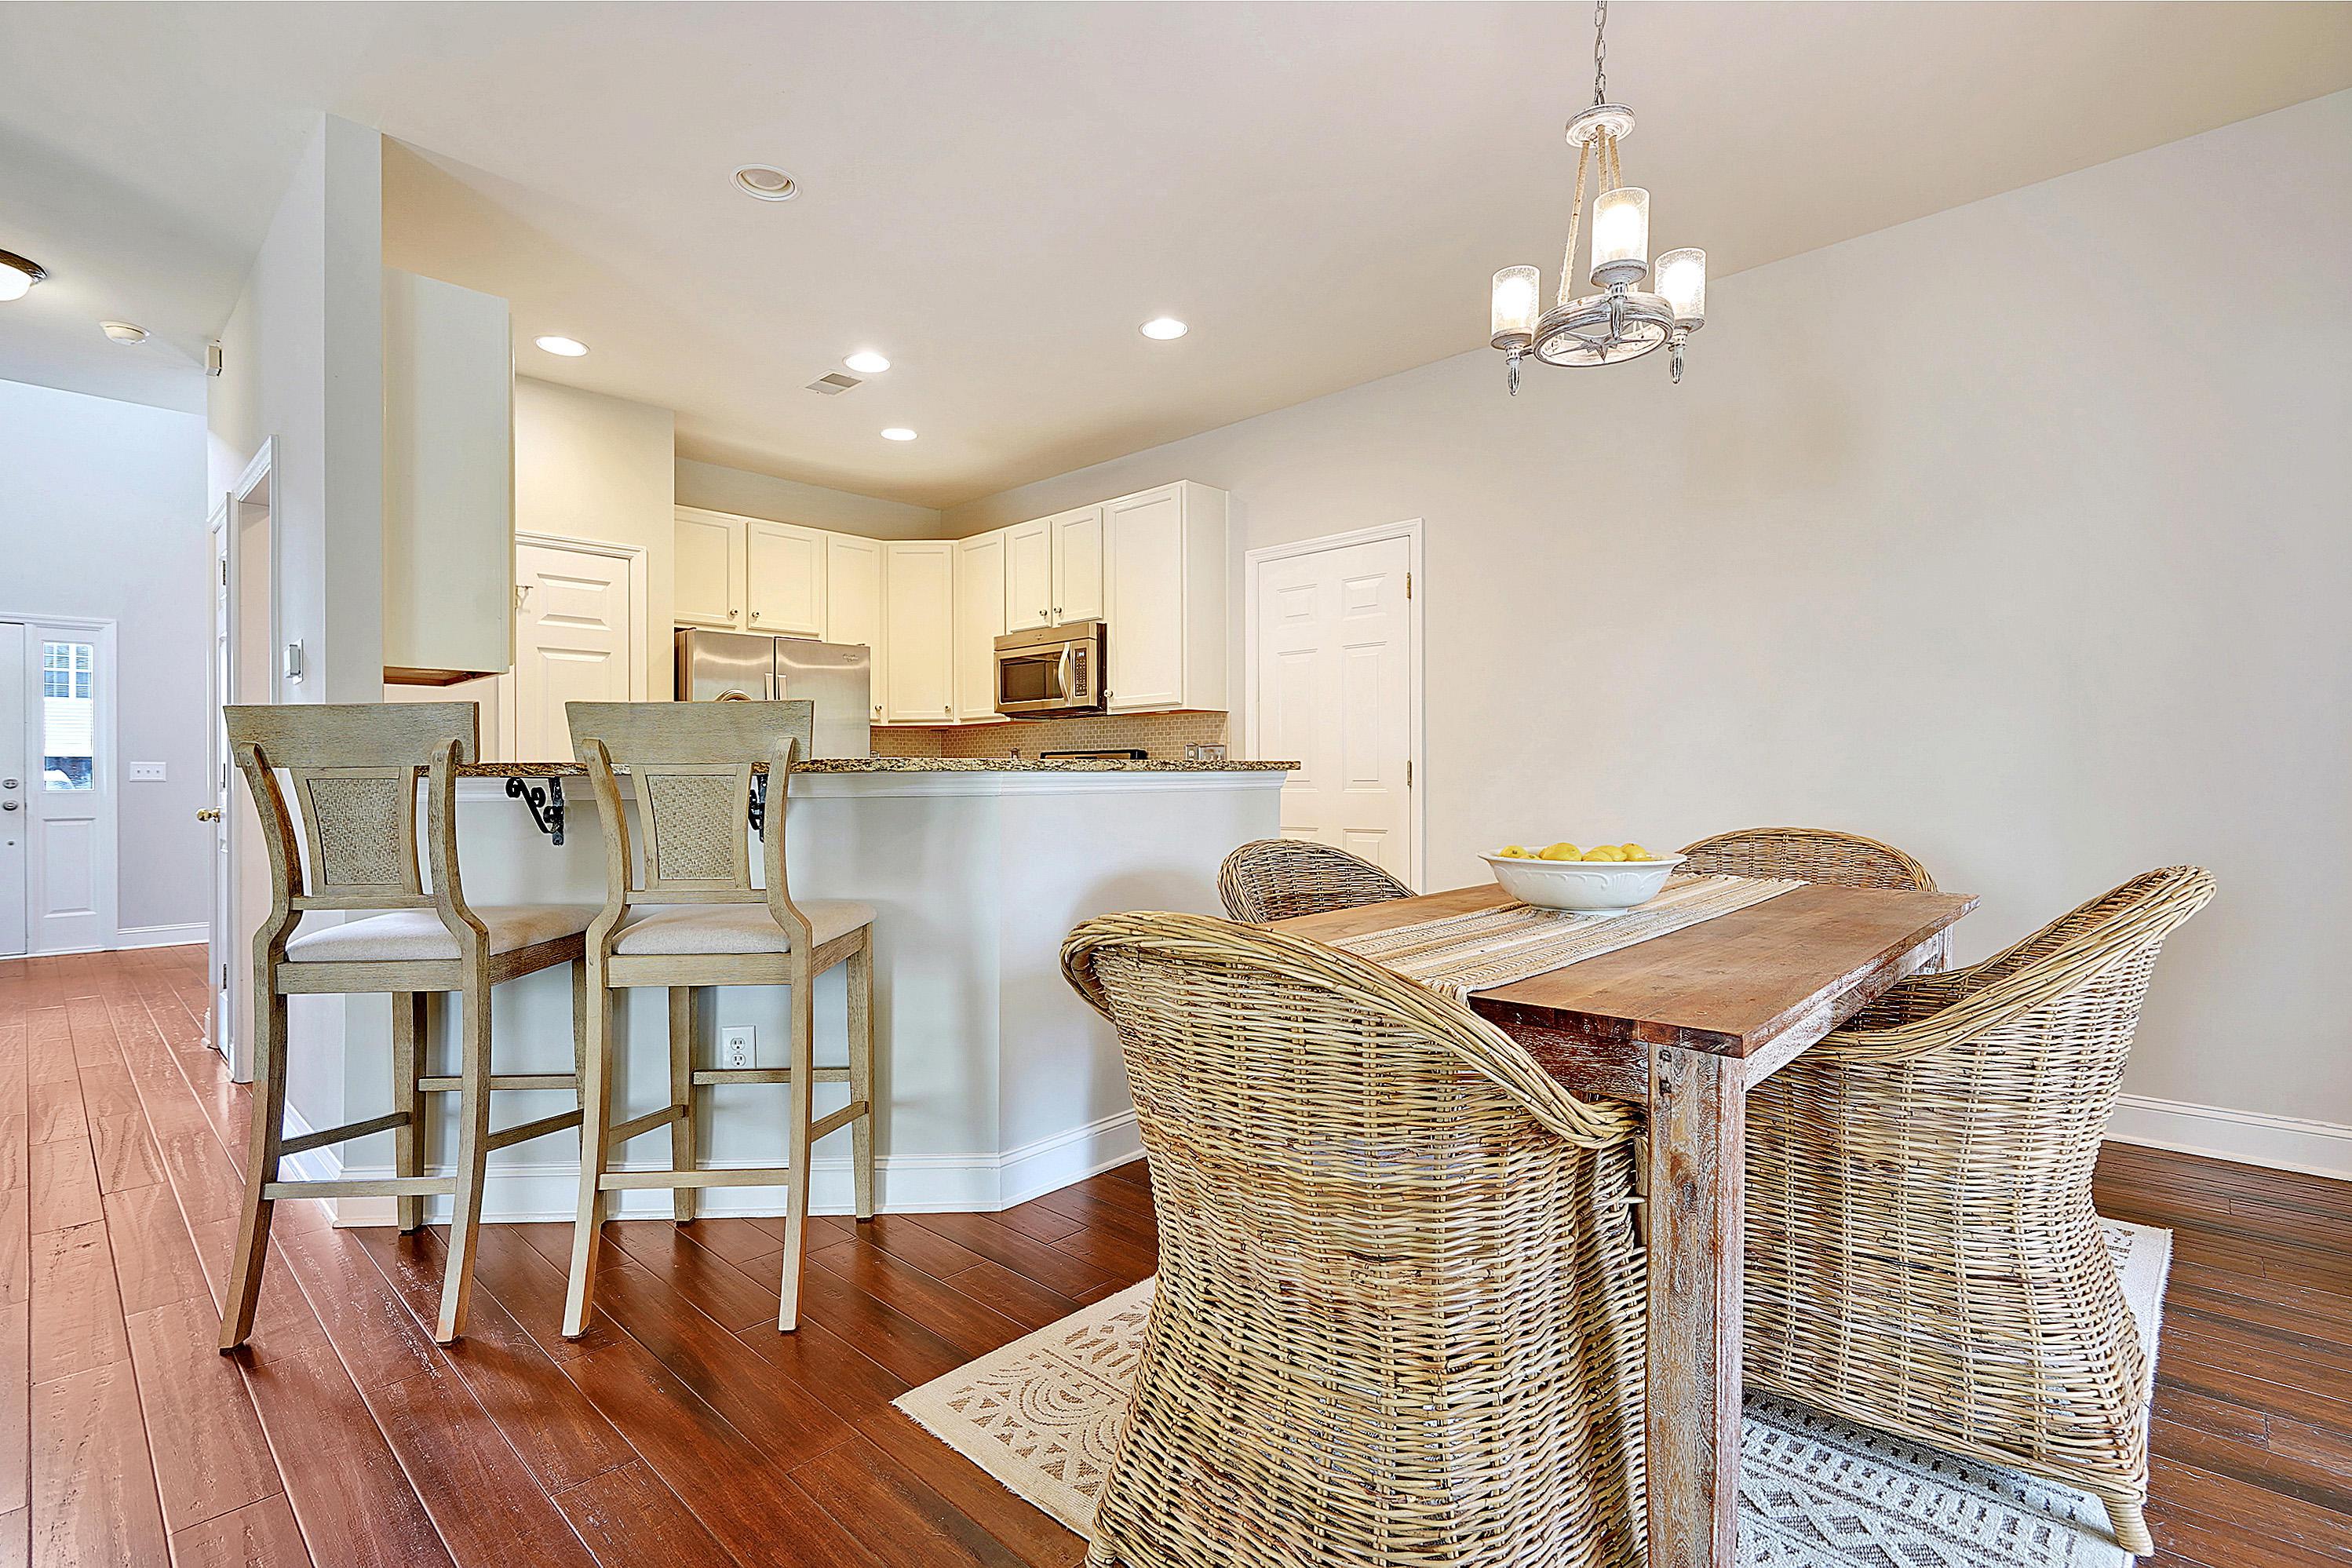 Park West Homes For Sale - 2391 Parsonage Woods, Mount Pleasant, SC - 28